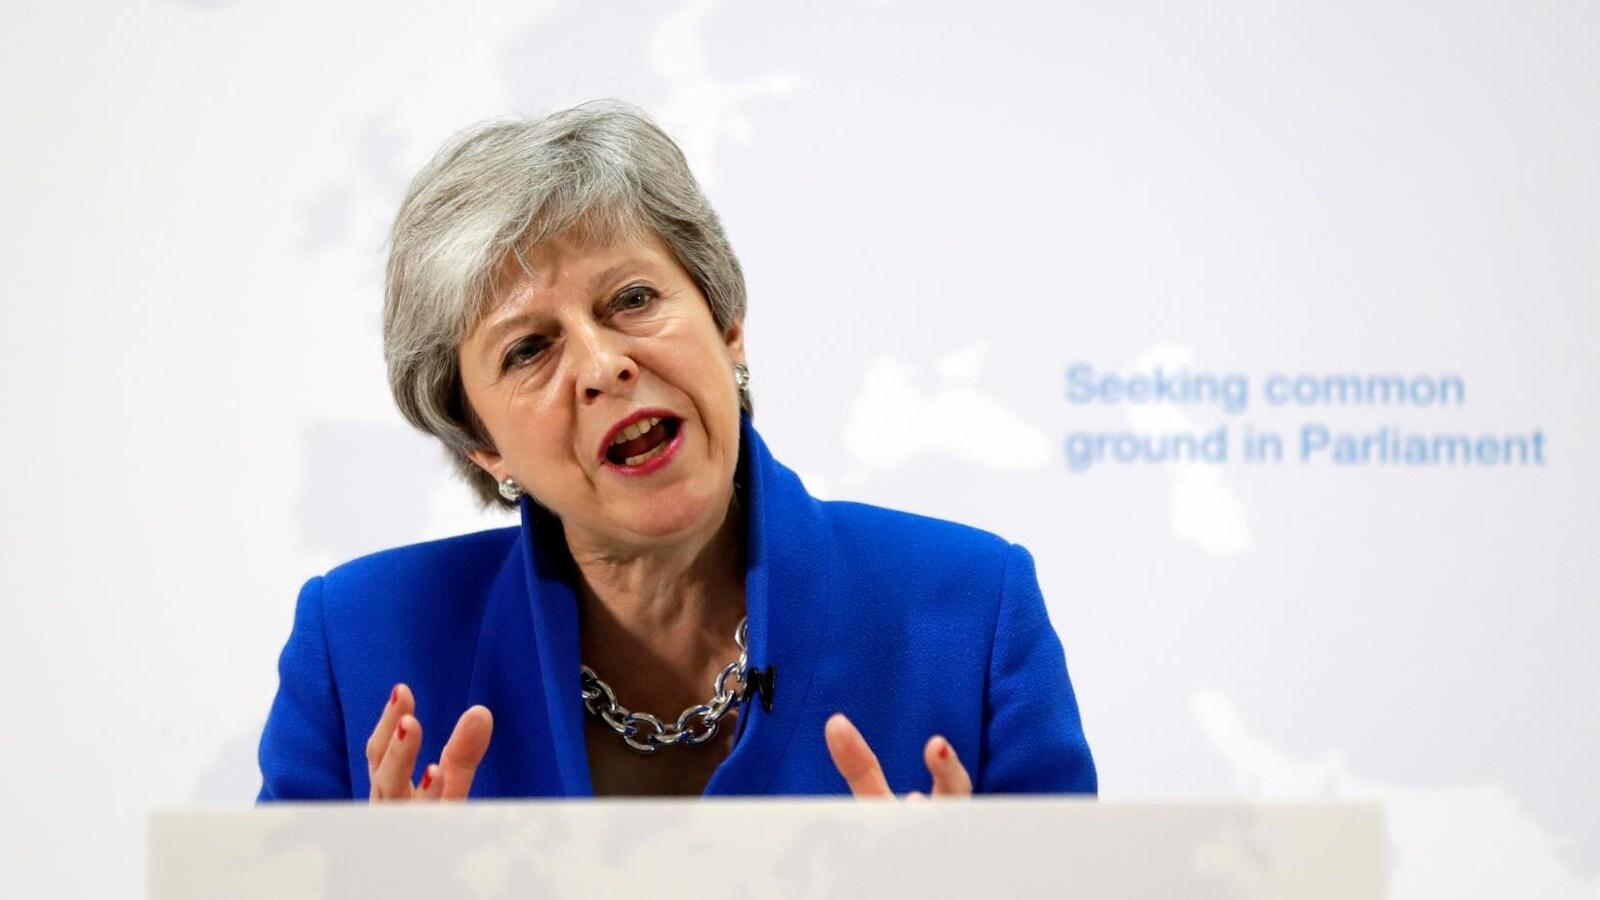 Mme May s'exprime devant une carte de l'Europe.